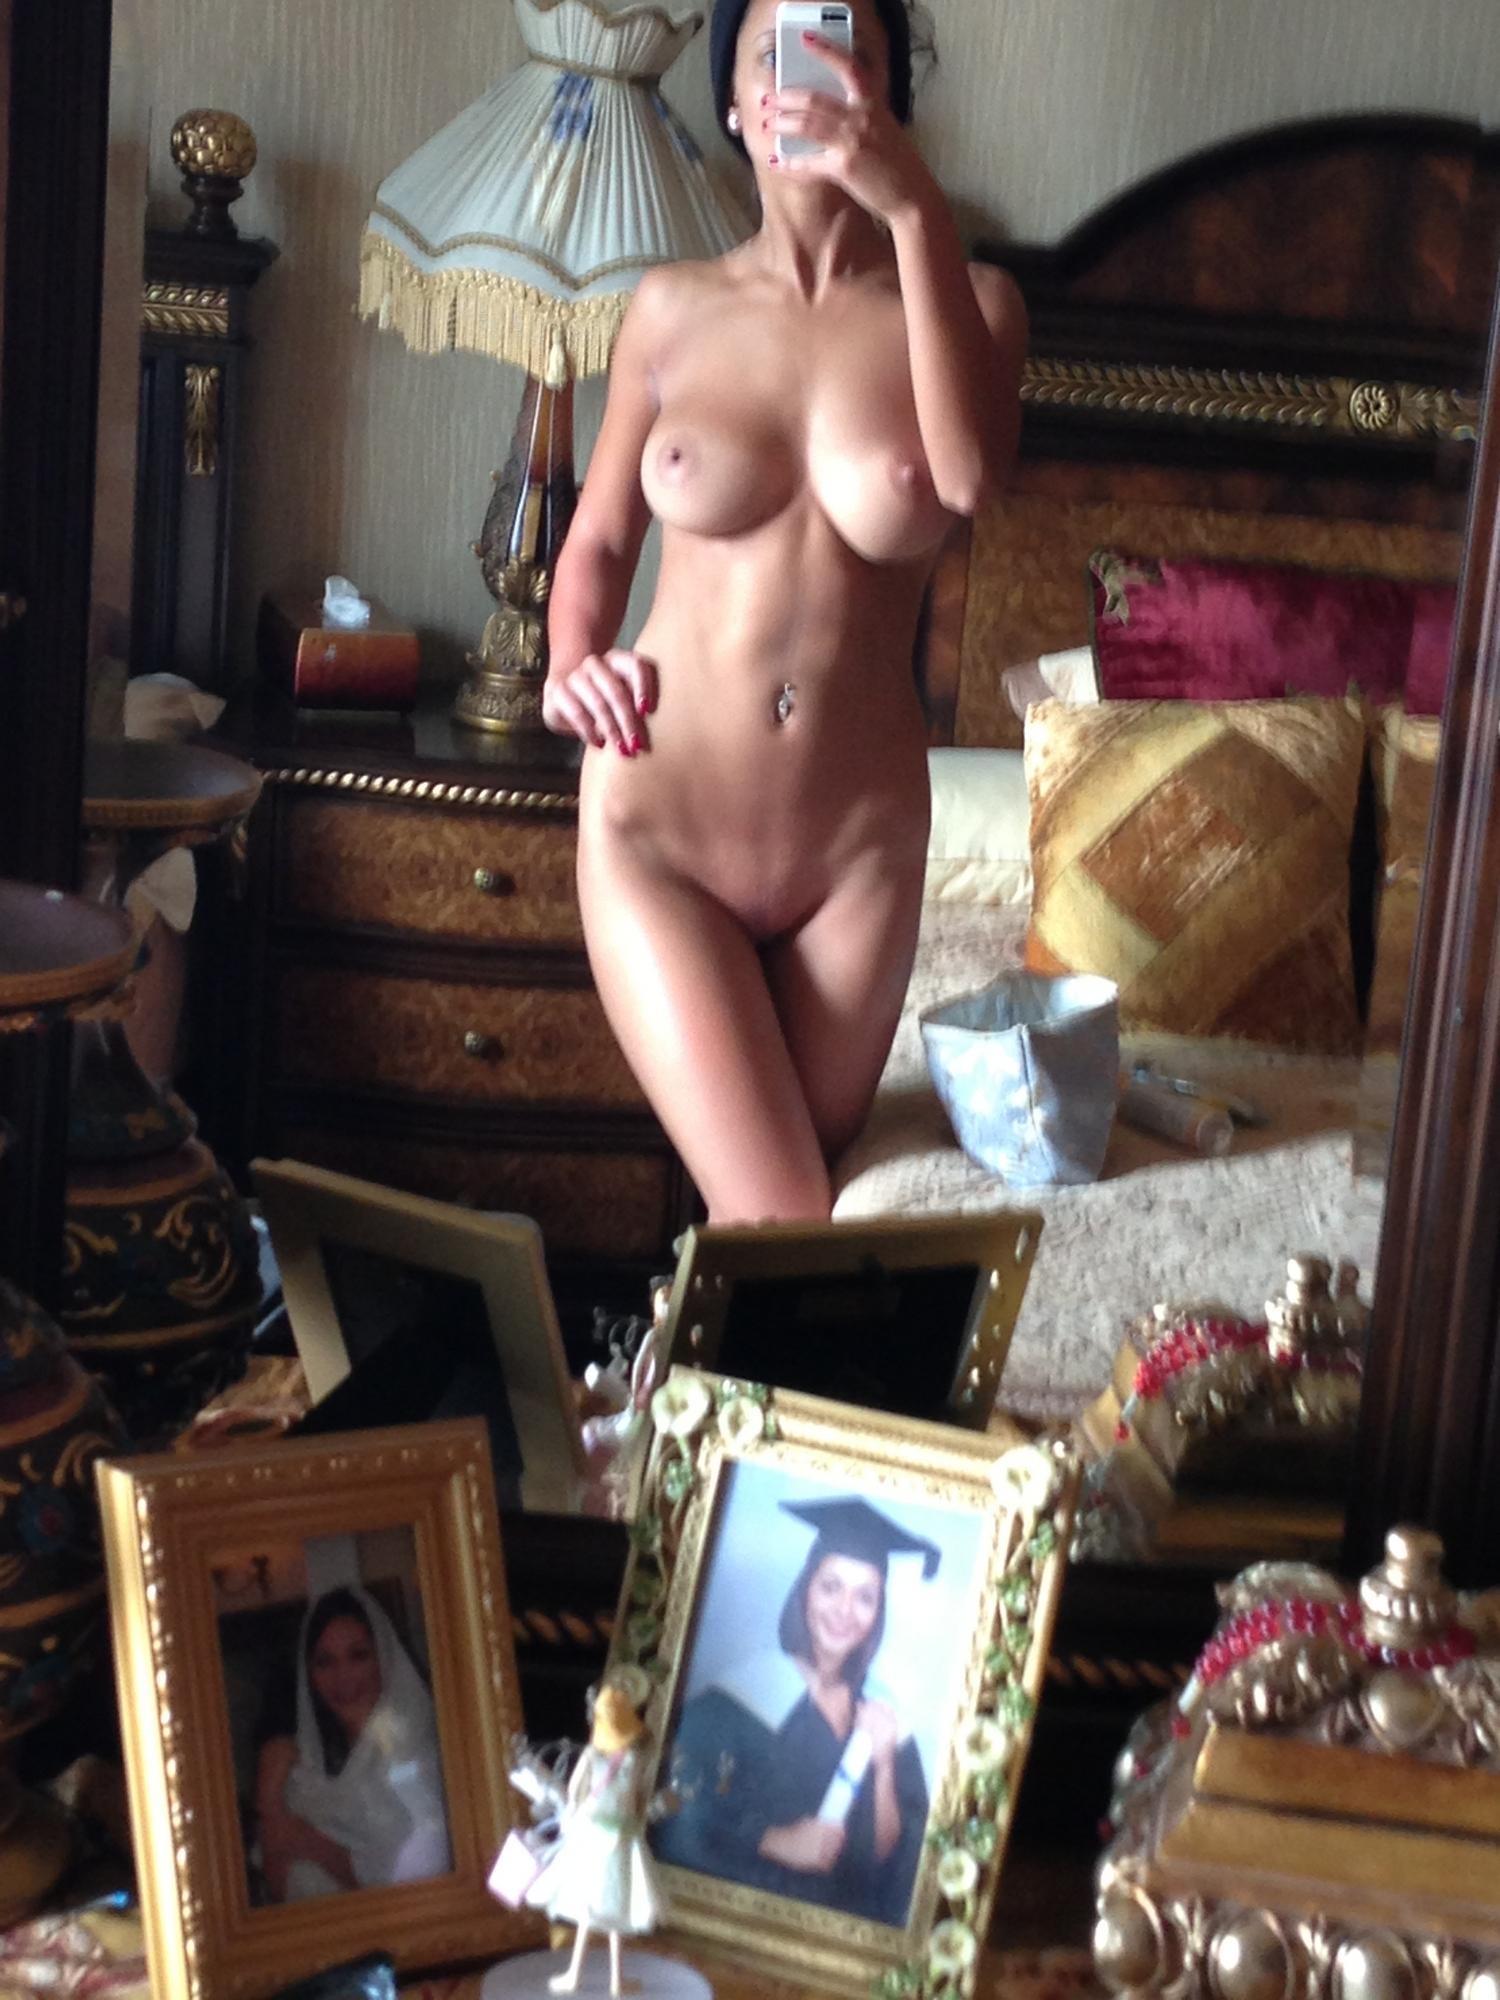 Сисястая красавица с прессом делает откровенные изображения перед зеркалом секс фото